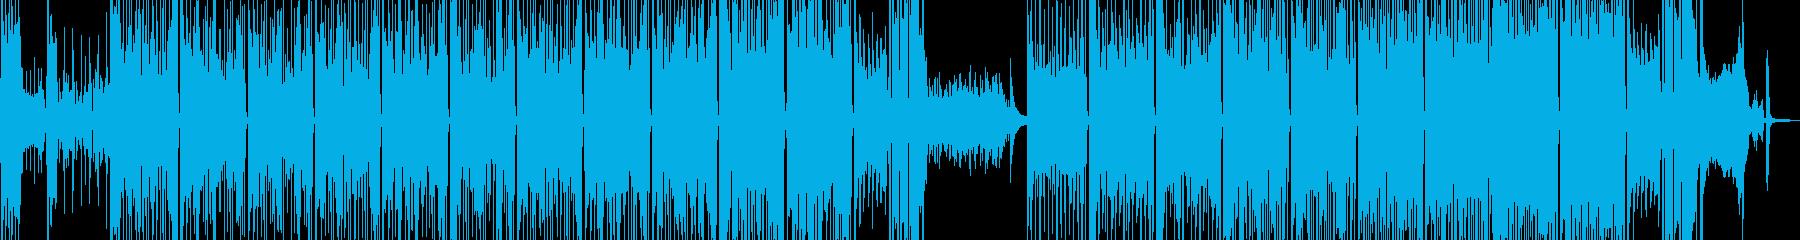 タイム制限クイズのようなポップス aの再生済みの波形